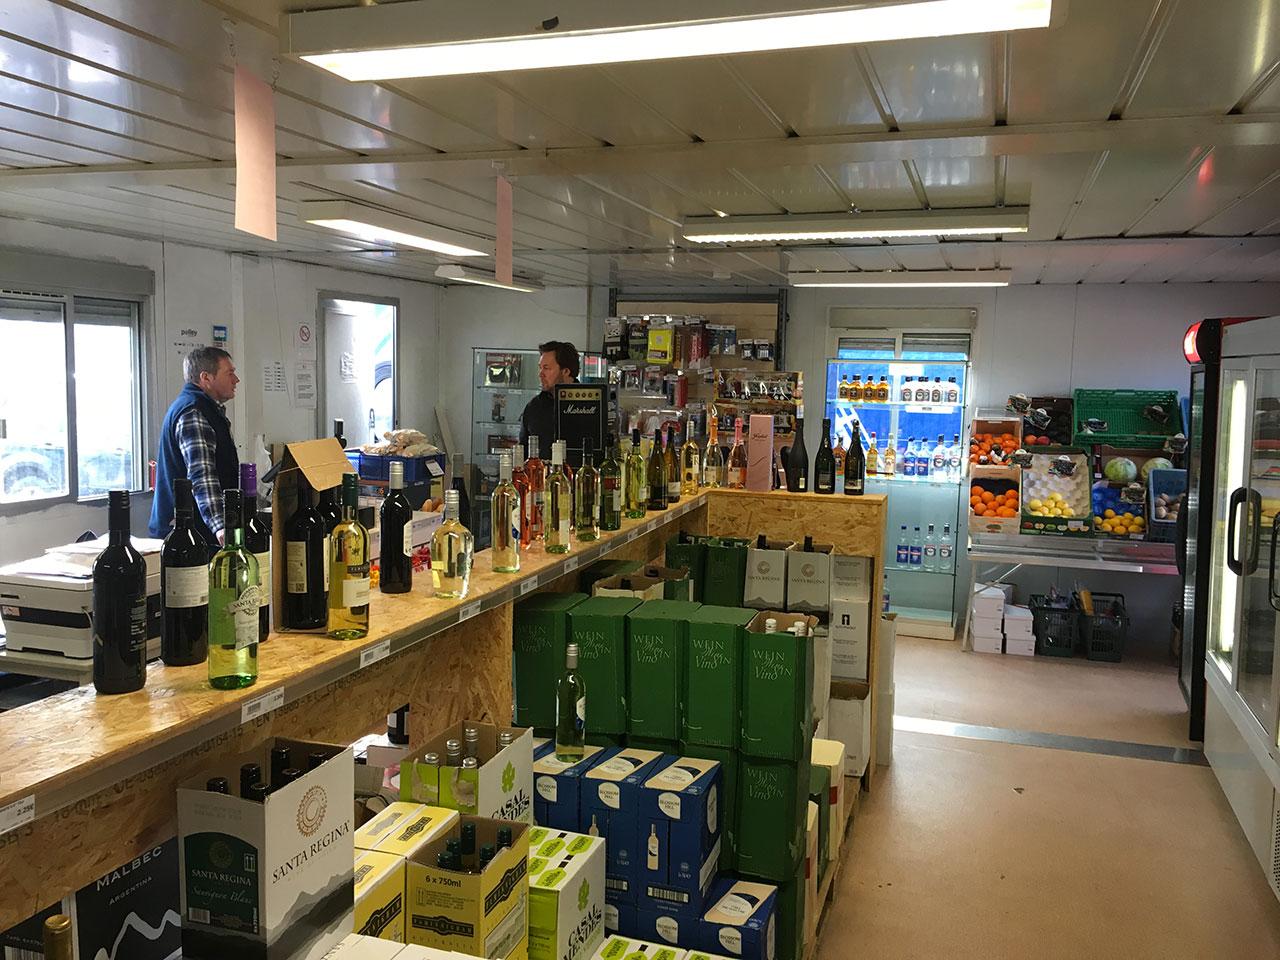 Polley shop intérieur du magasin